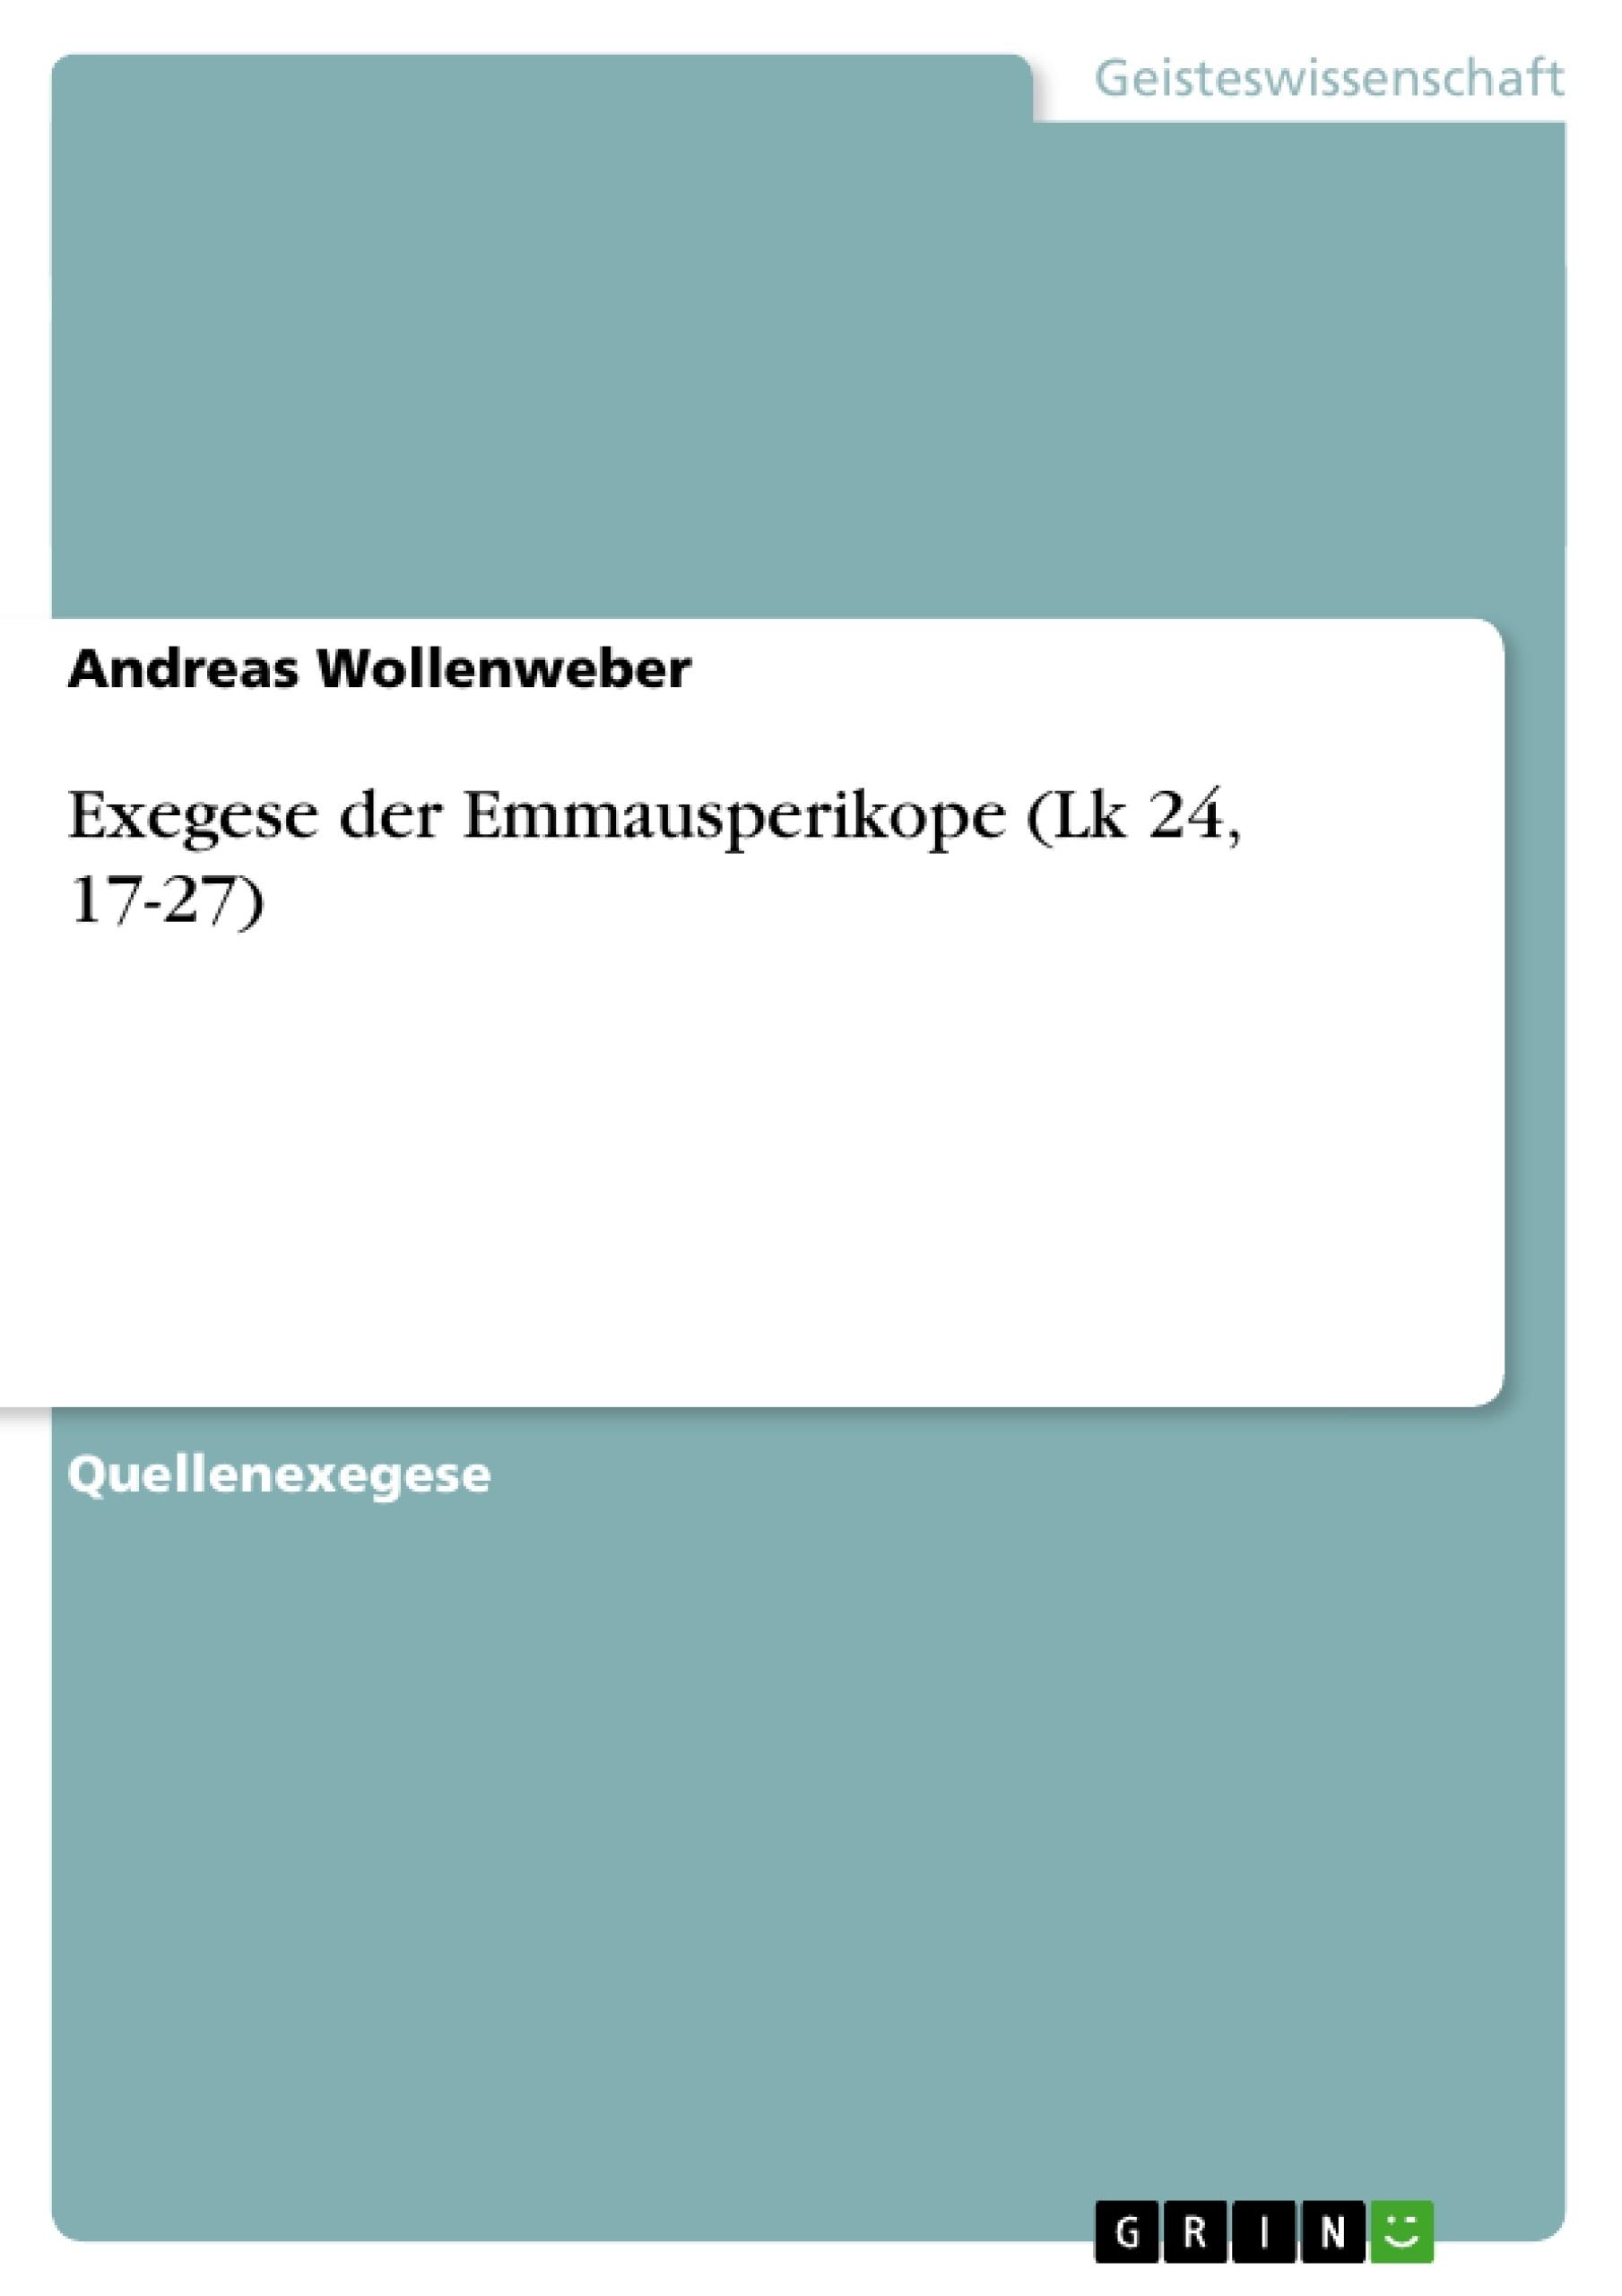 Titel: Exegese der Emmausperikope (Lk 24, 17-27)